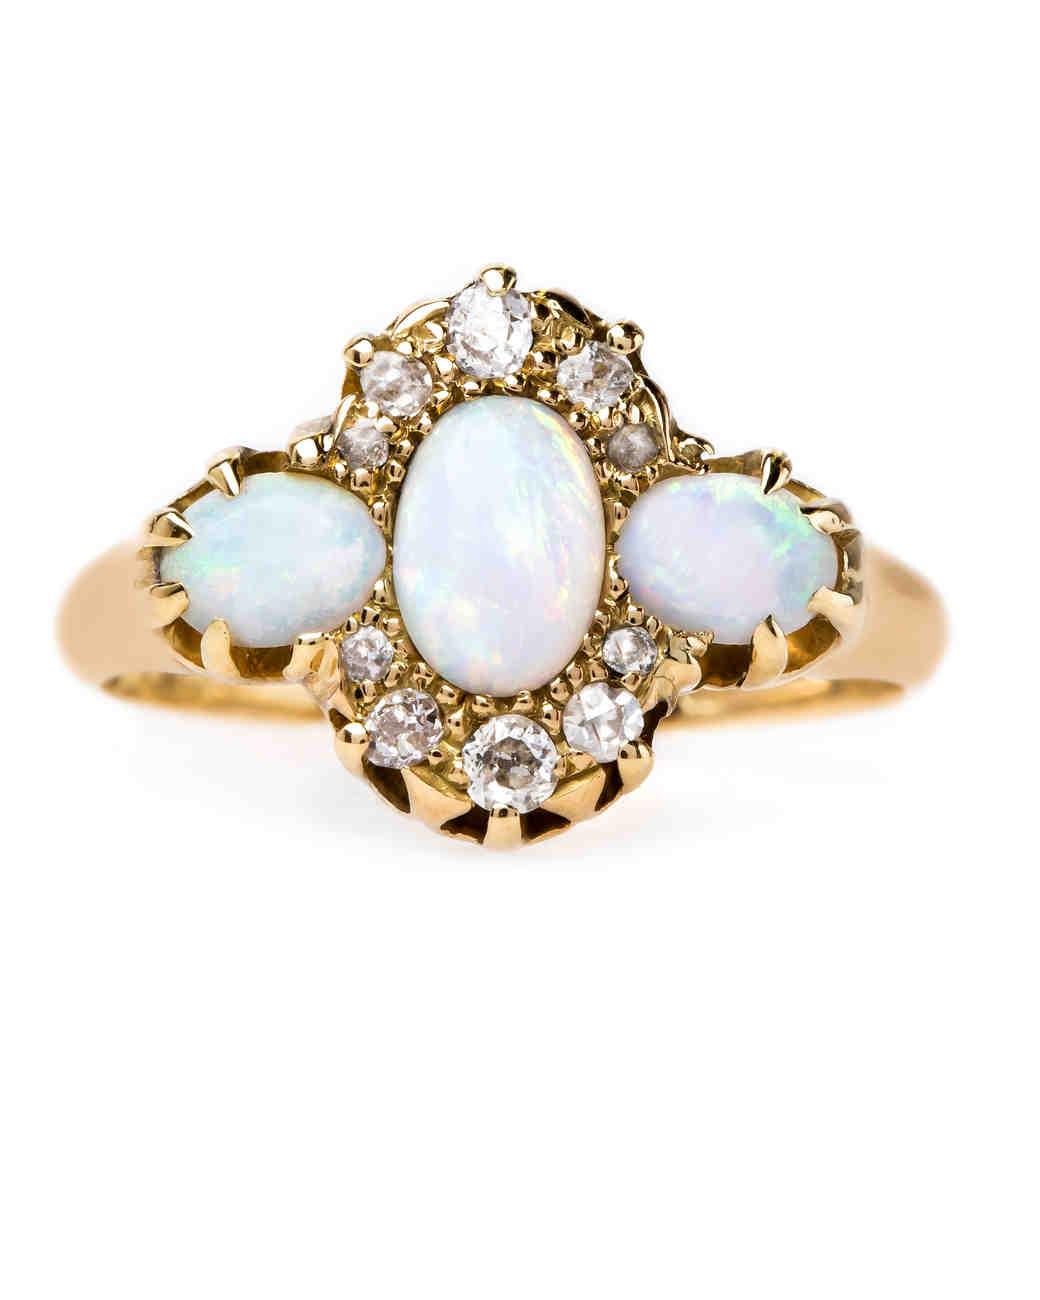 Marvelous Horn Opal Engagement Ring One 0816 Vert Black Opal Wedding Rings Opal Wedding Ring Price Trumpet wedding rings Opal Wedding Rings